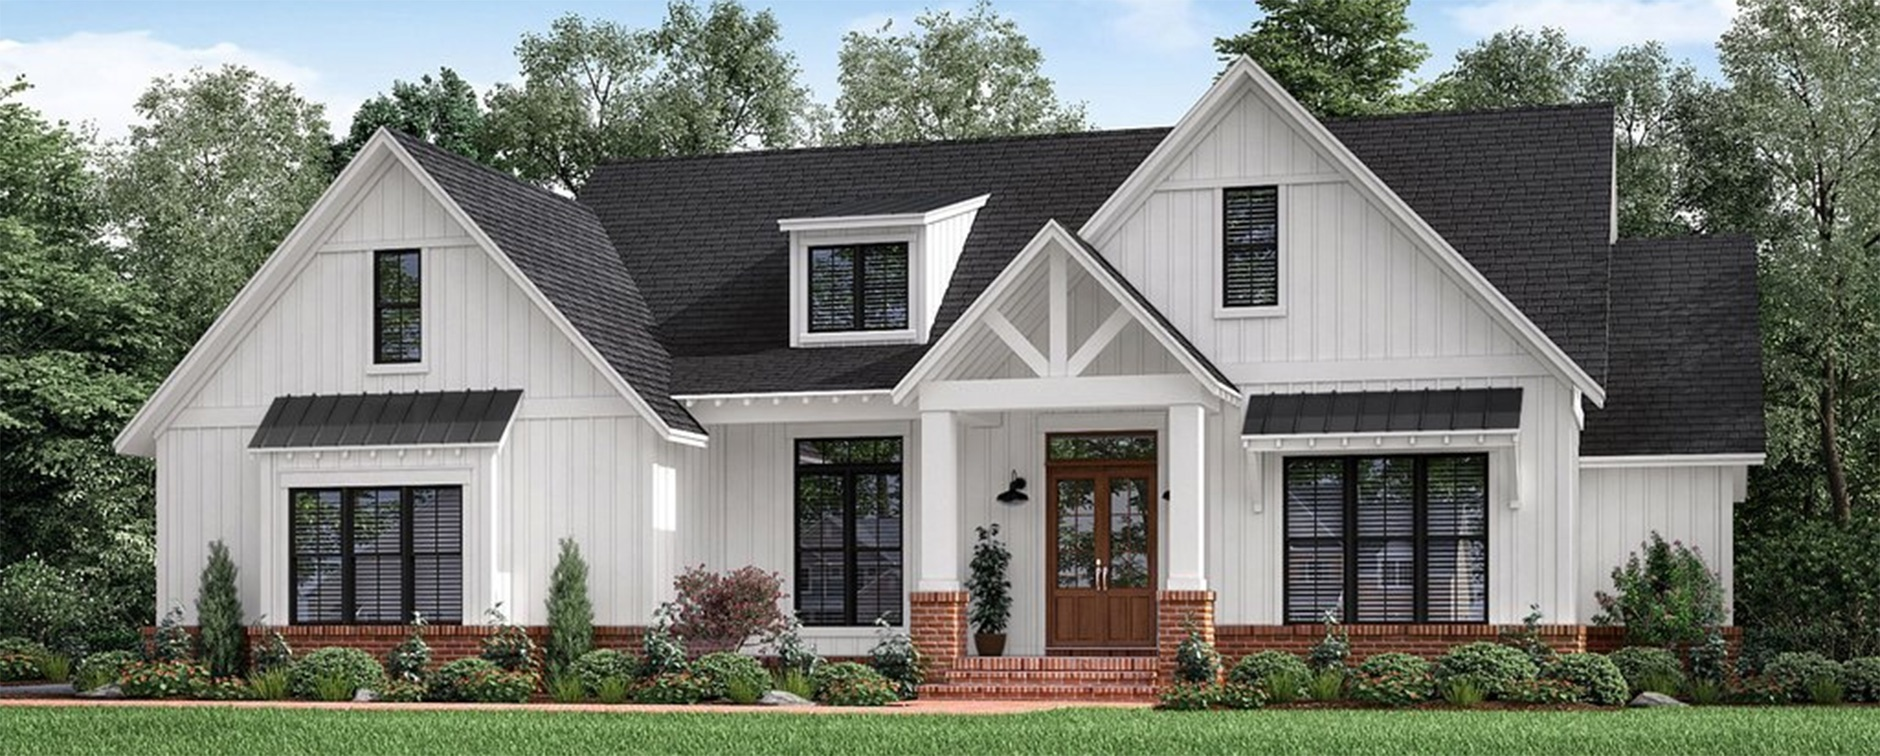 Explore Craftsman House Plans